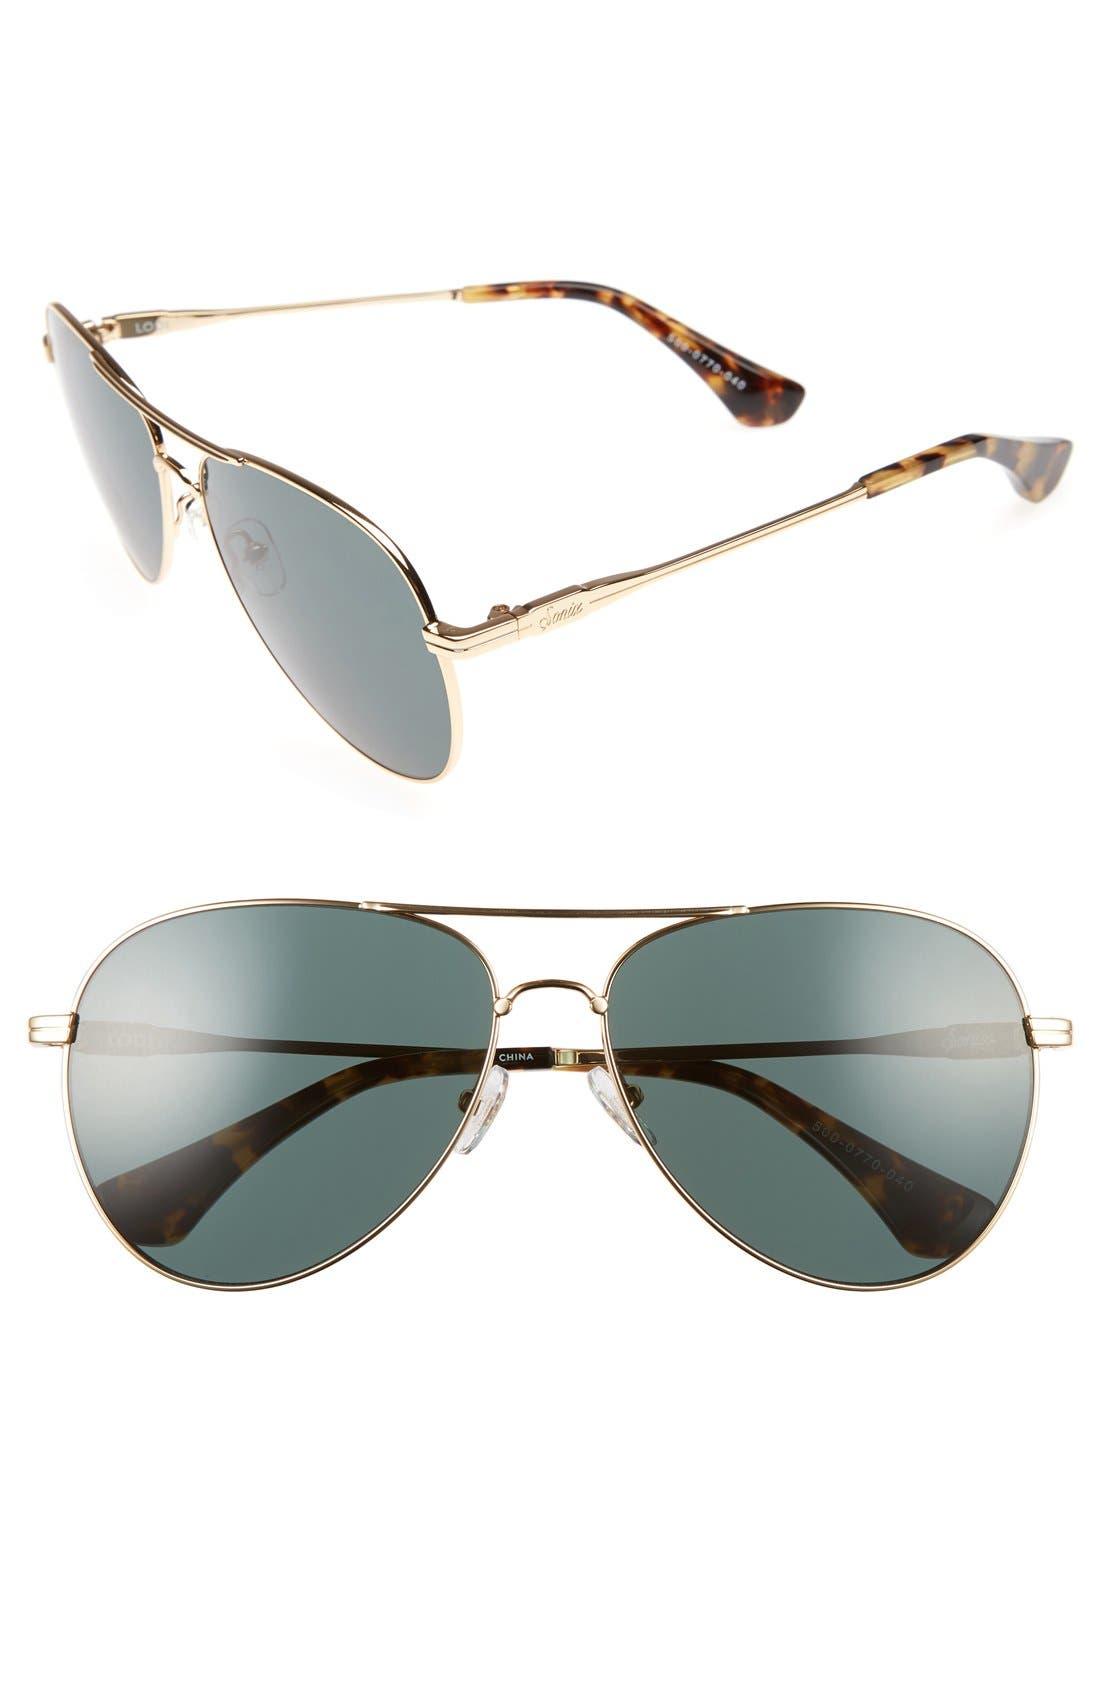 Lodi 62mm Mirrored Aviator Sunglasses,                         Main,                         color,